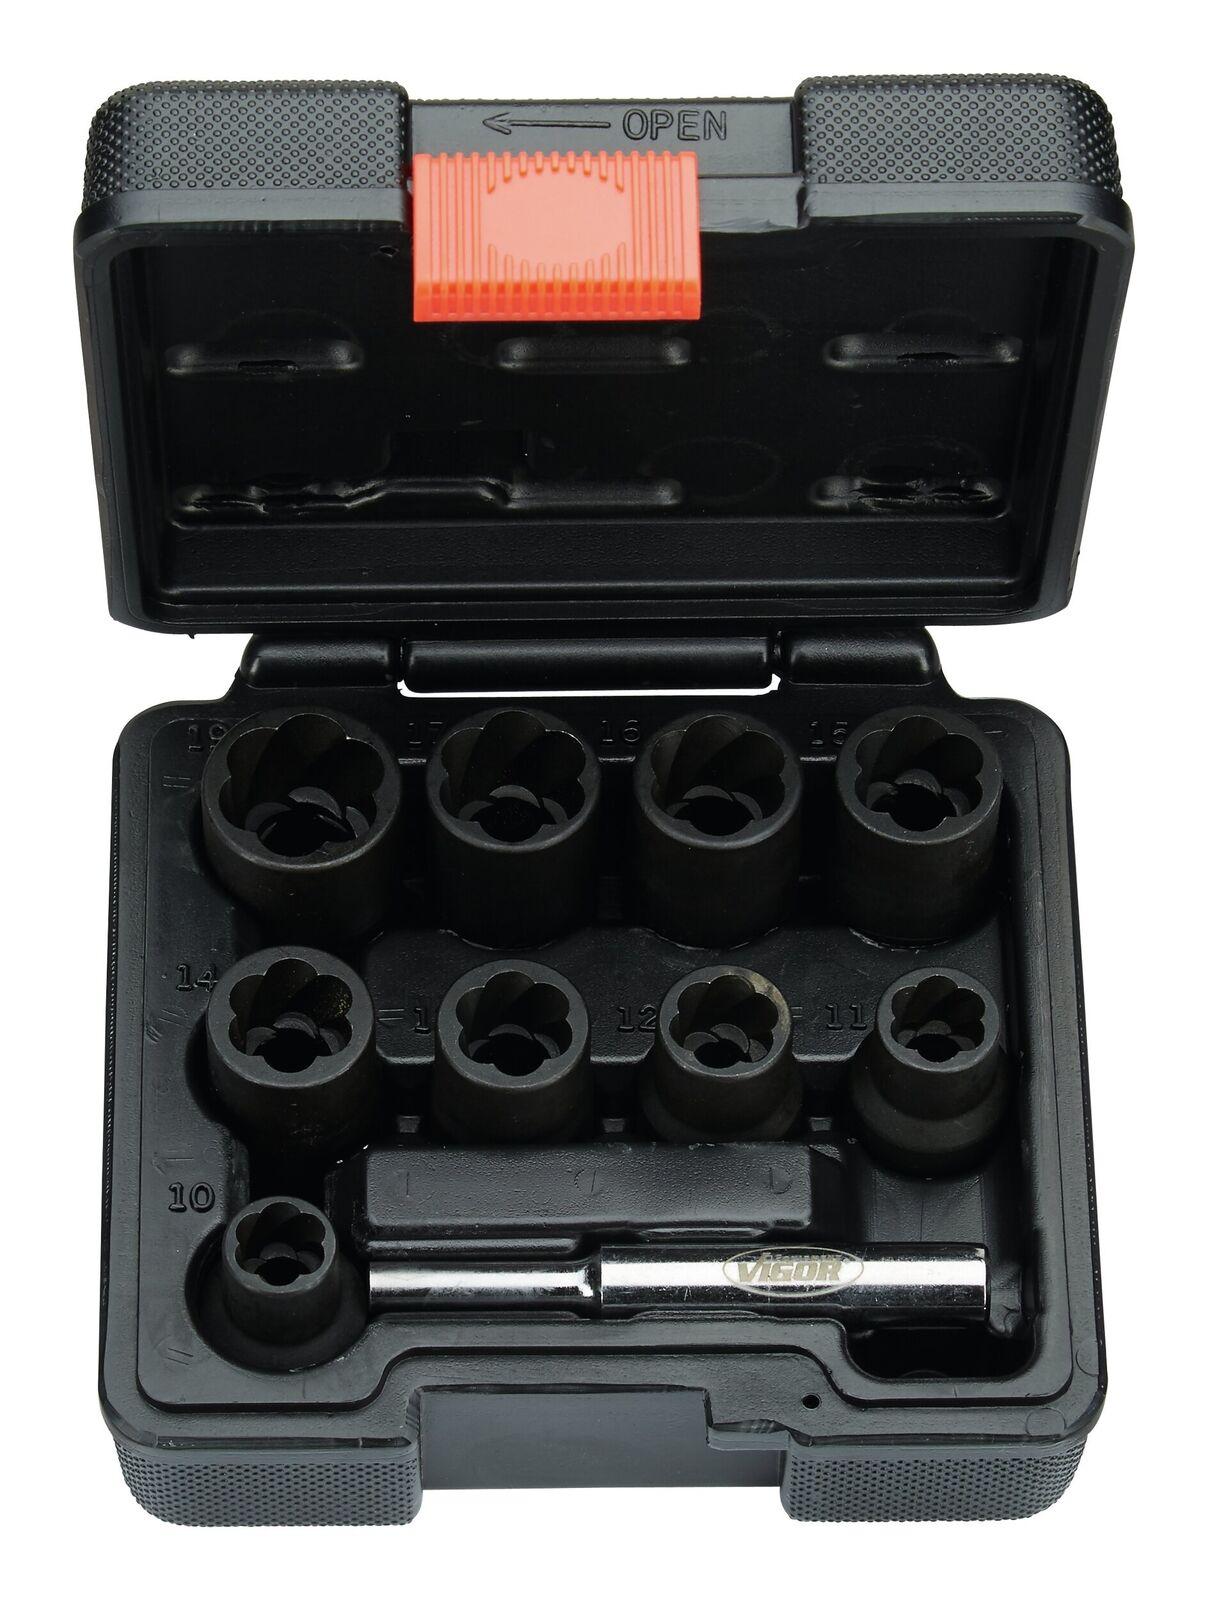 Spiralnuteinsatz-Satz 10-teilig 10-19mm Vigor - V2404 | Discount  | Am praktischsten  | Tadellos  | Abgabepreis